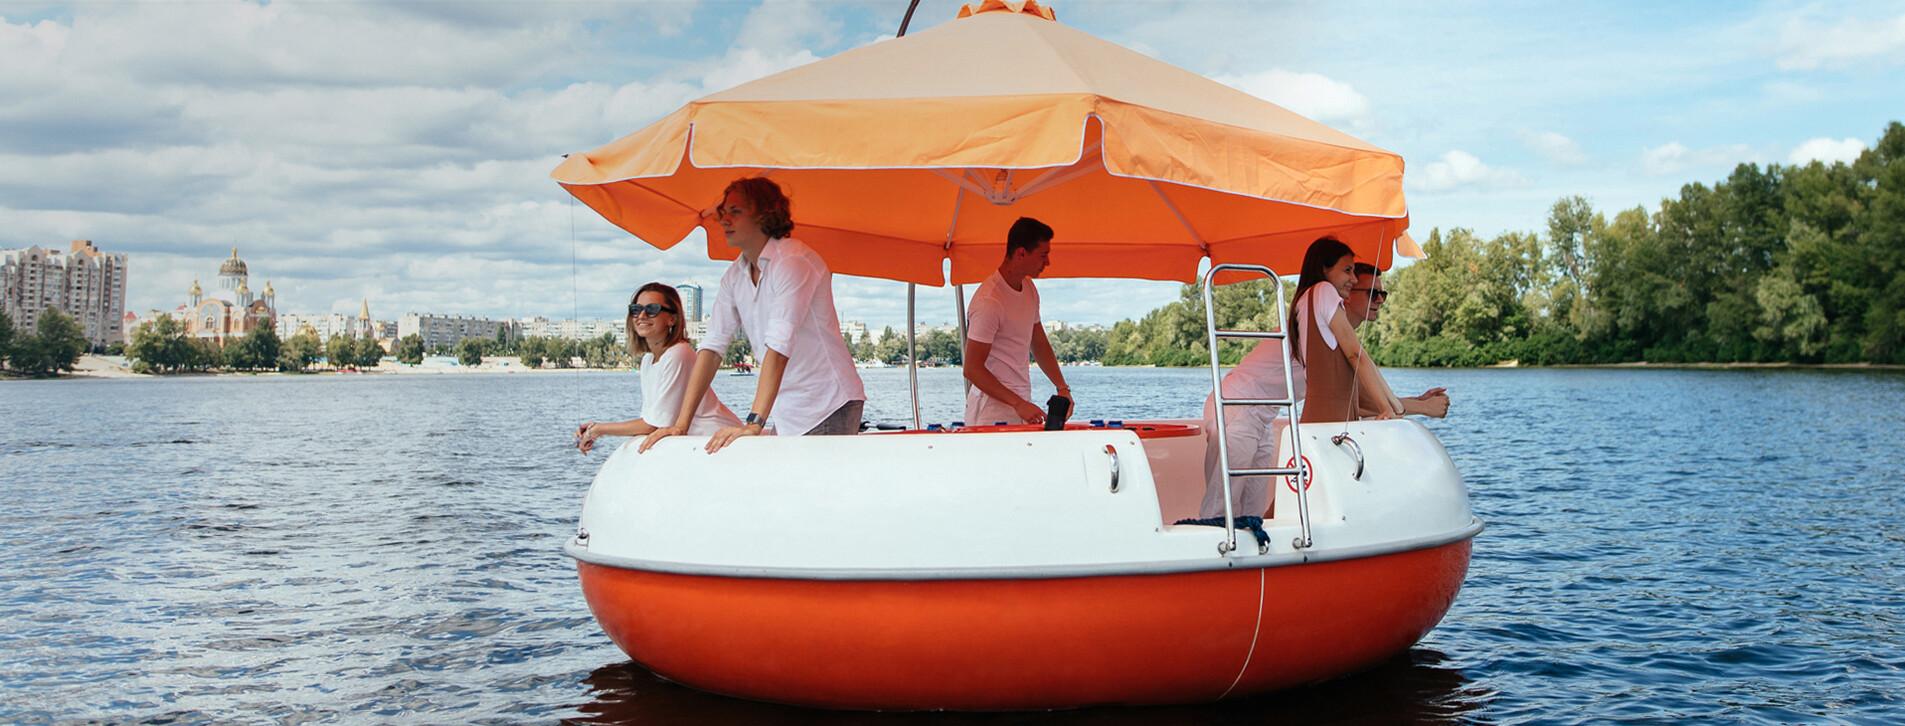 Фото 1 - Прокат Partyboat для компании